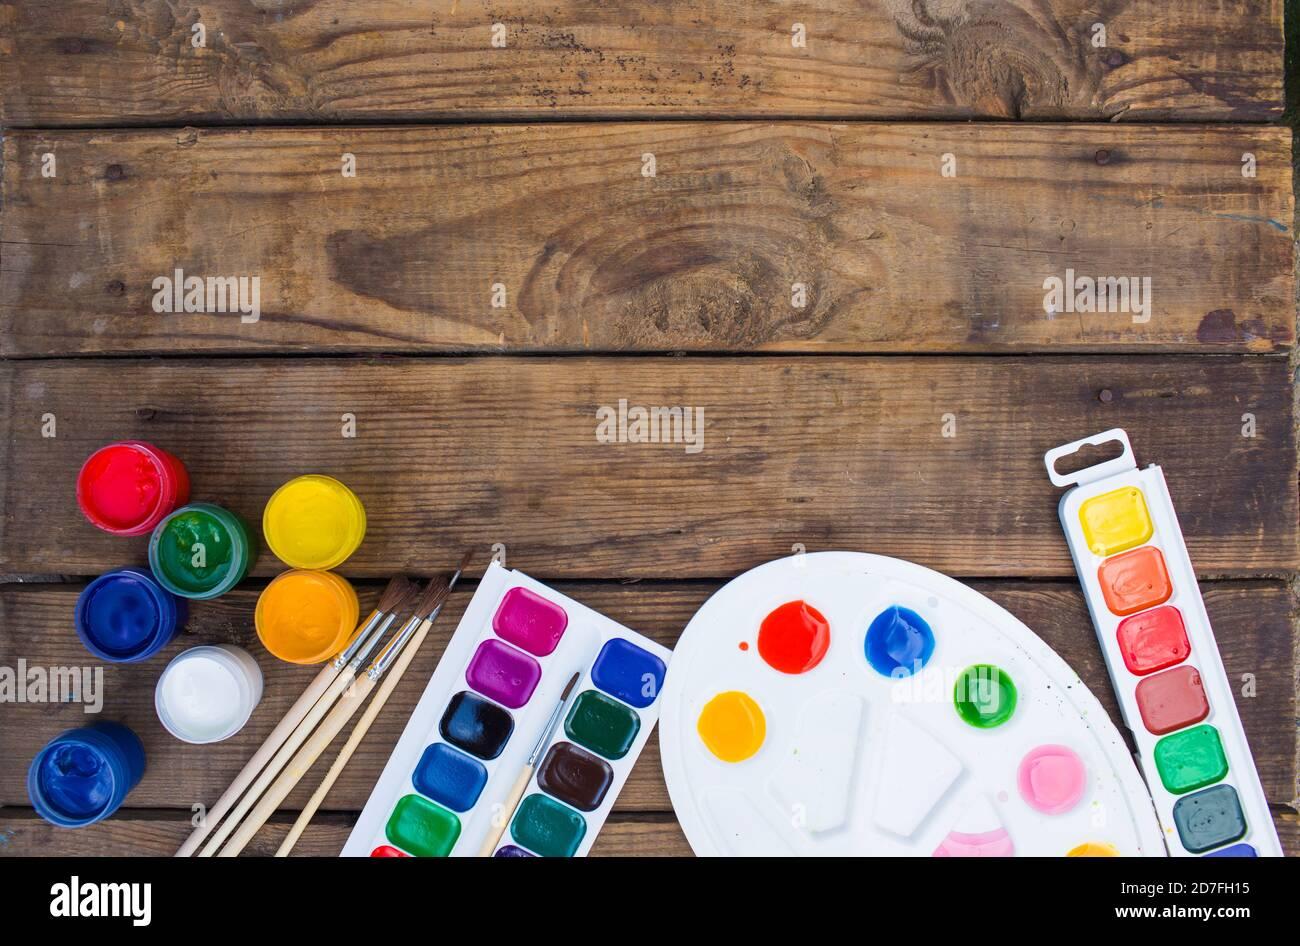 vernici multicolore, palette di pennelli, pennello, giacciono su uno sfondo in legno vista dall'alto Foto Stock